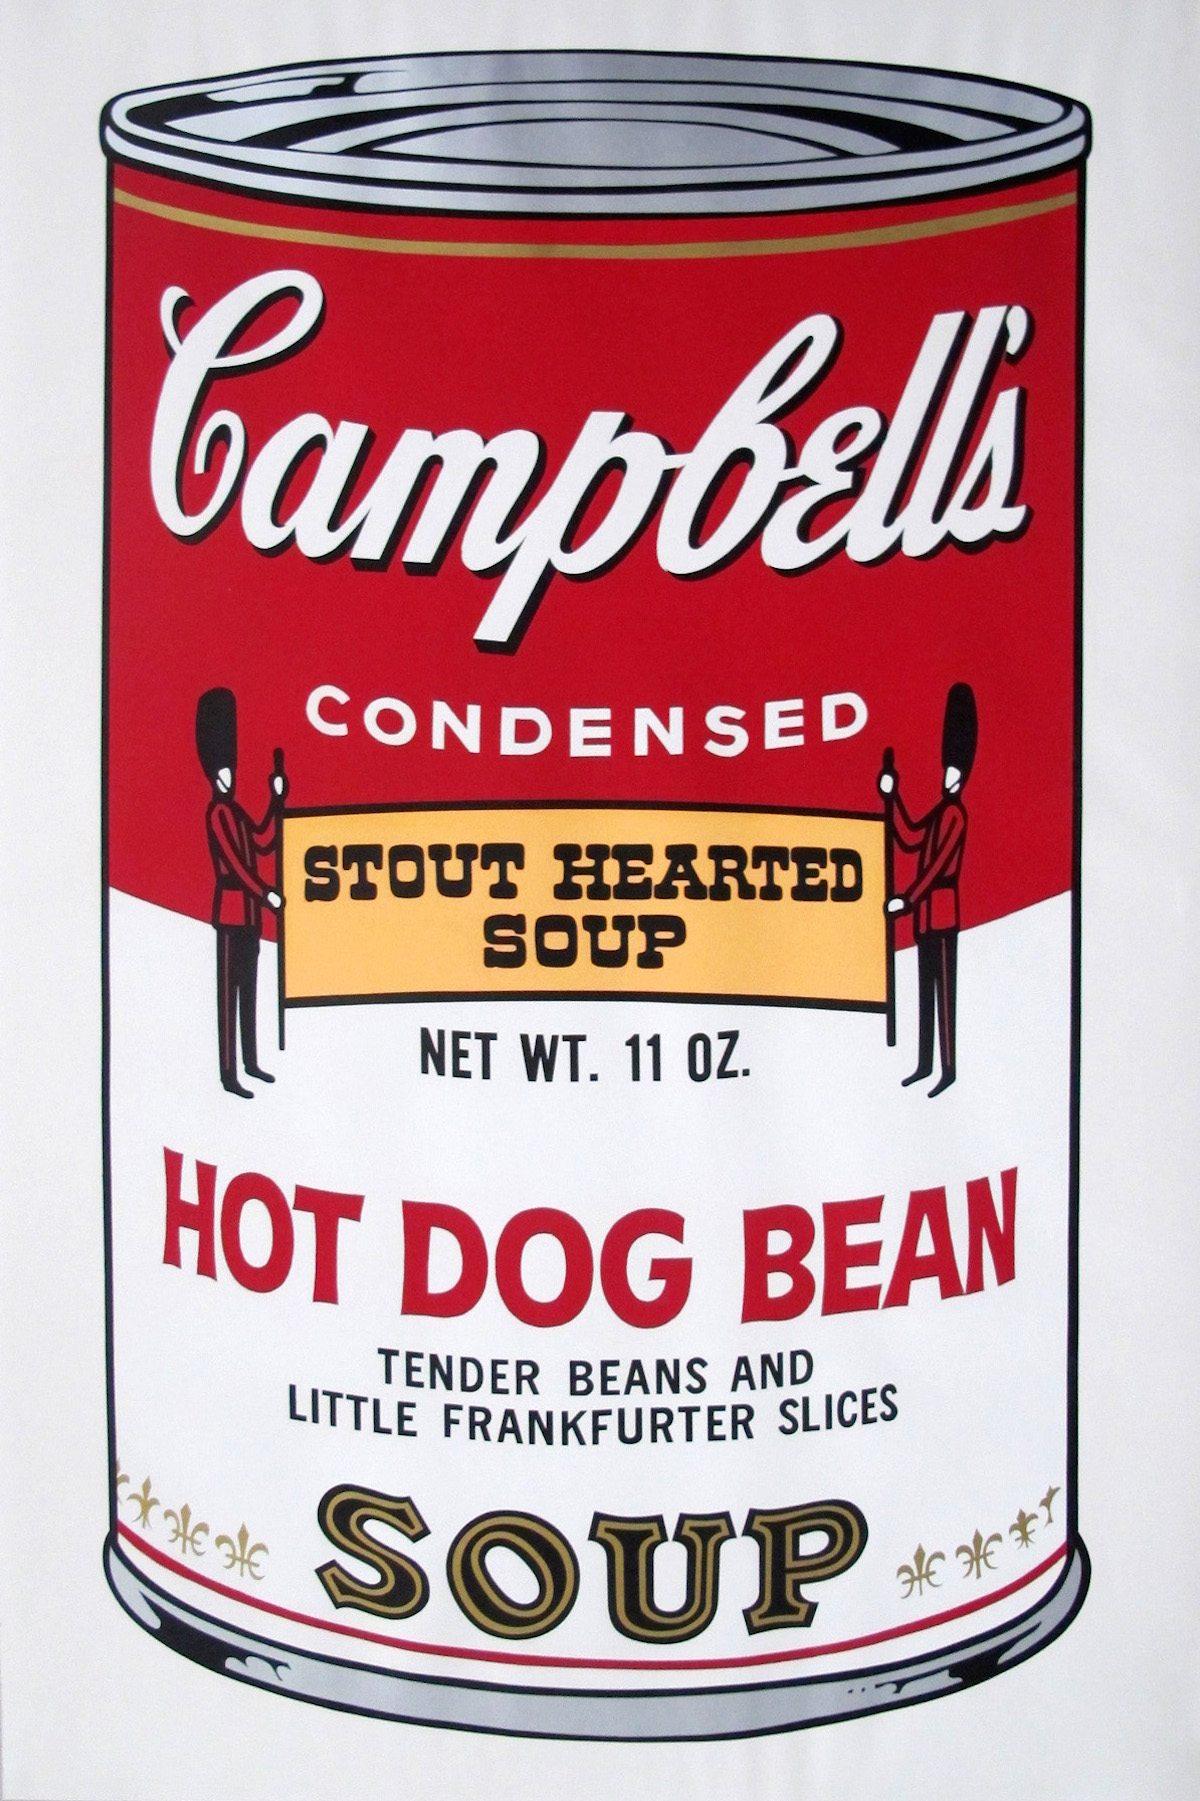 hot dog bean